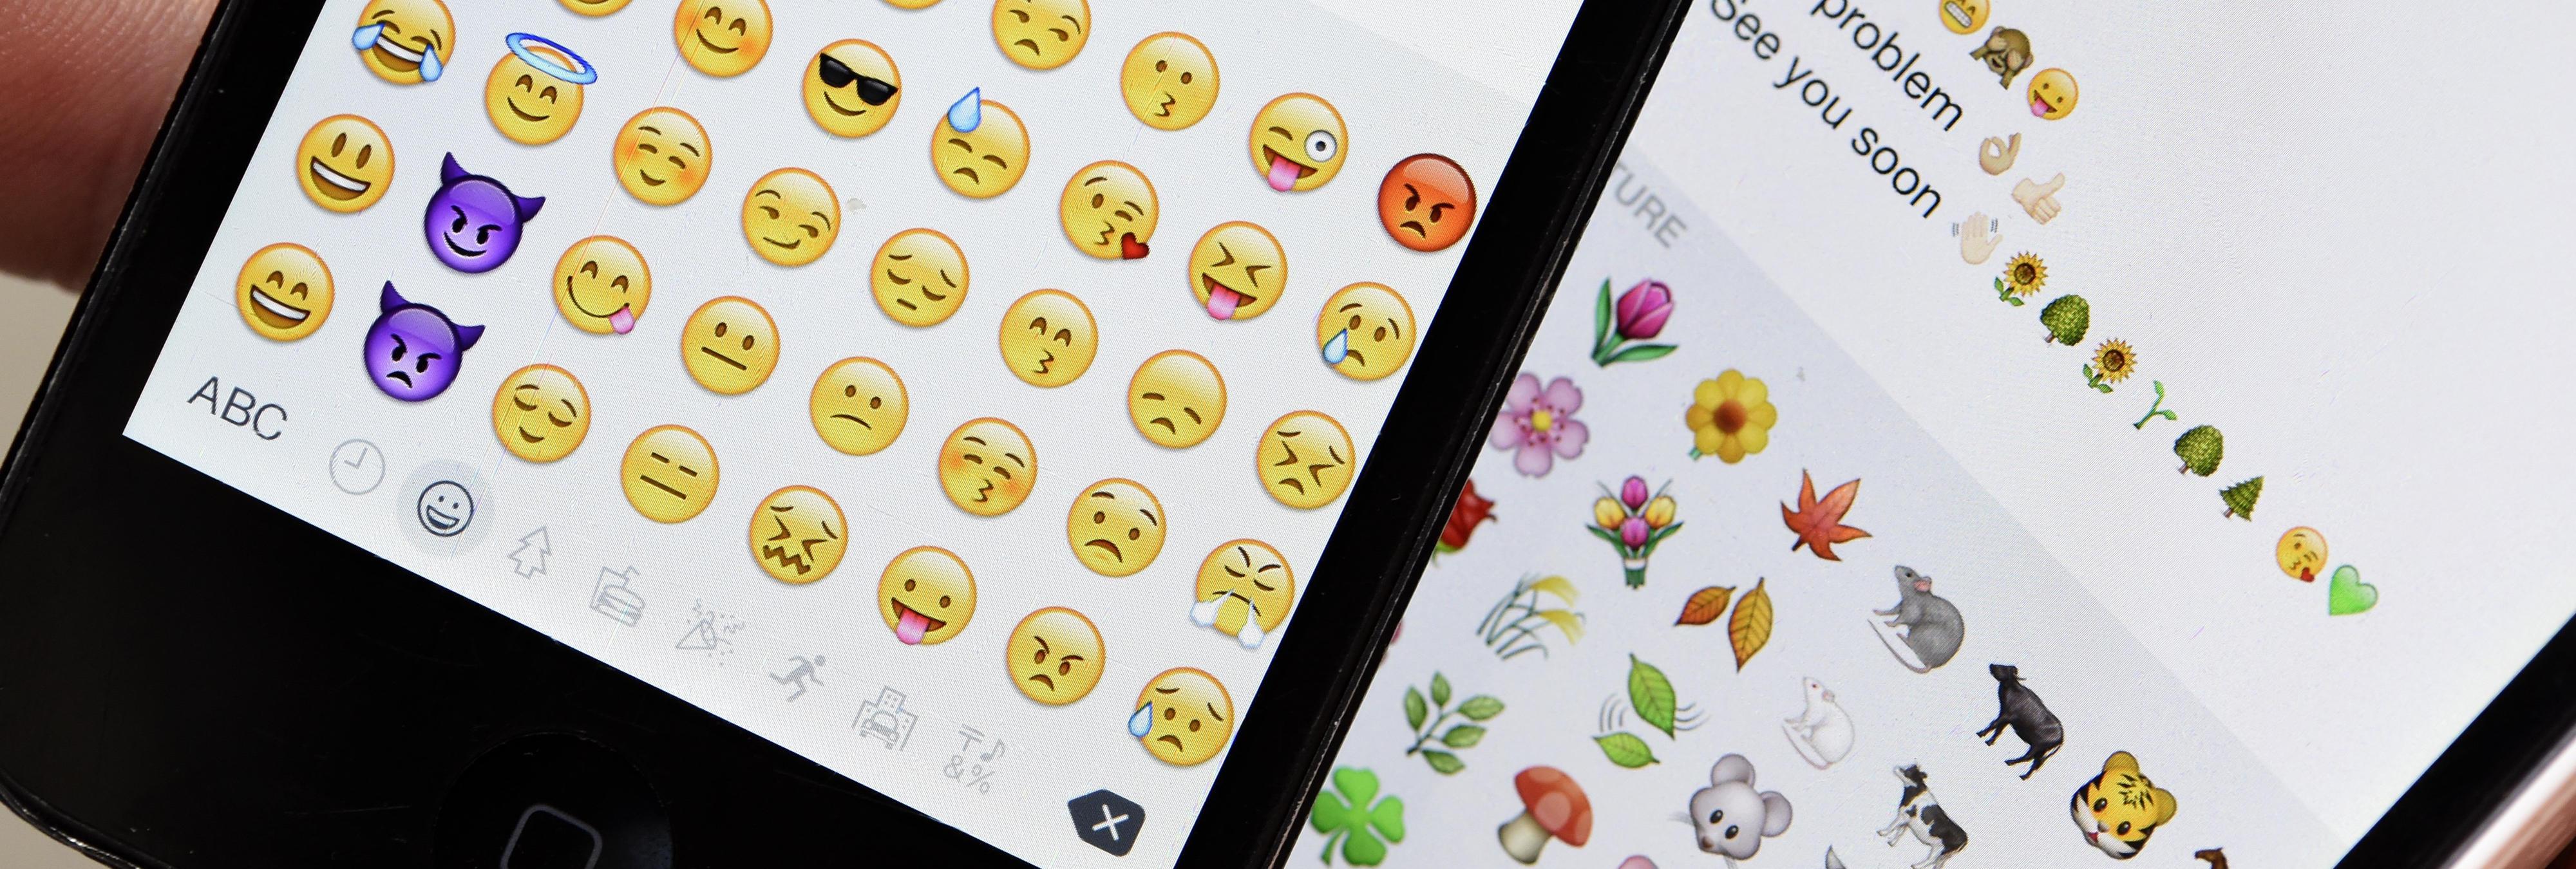 La peineta y los nuevos emojis de iOS 9.1